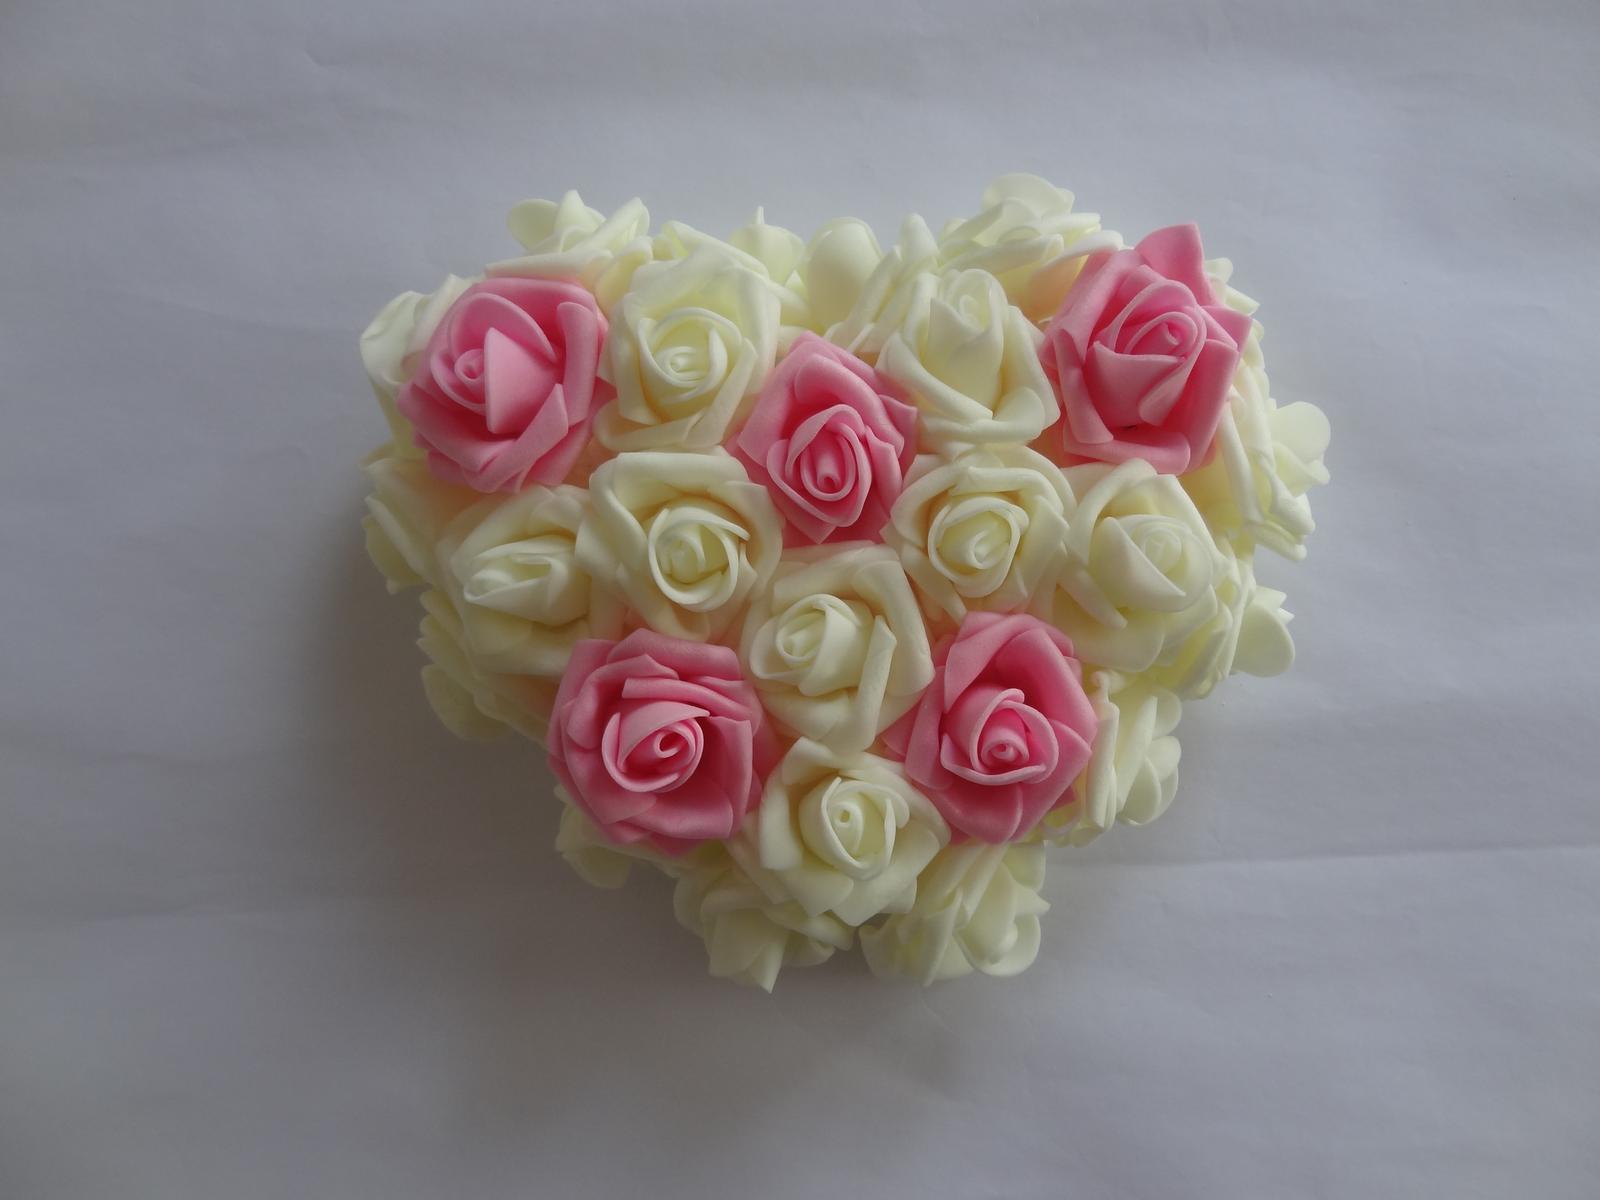 Srdíčko z pěnových růží - Obrázek č. 2